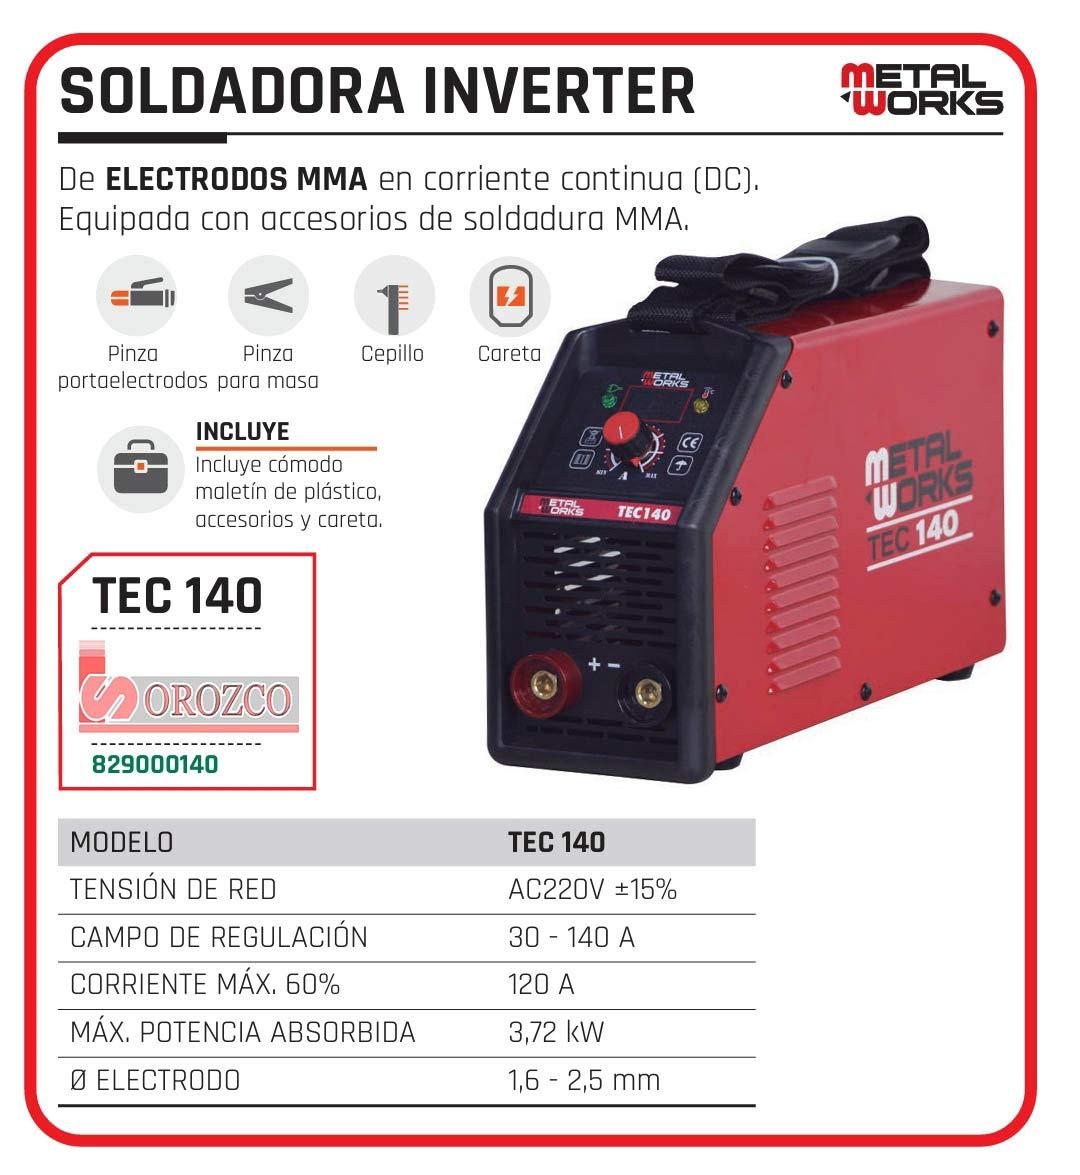 Soldadora de Electrodo MMA Inverter Metalworks TEC 140: Amazon.es: Bricolaje y herramientas